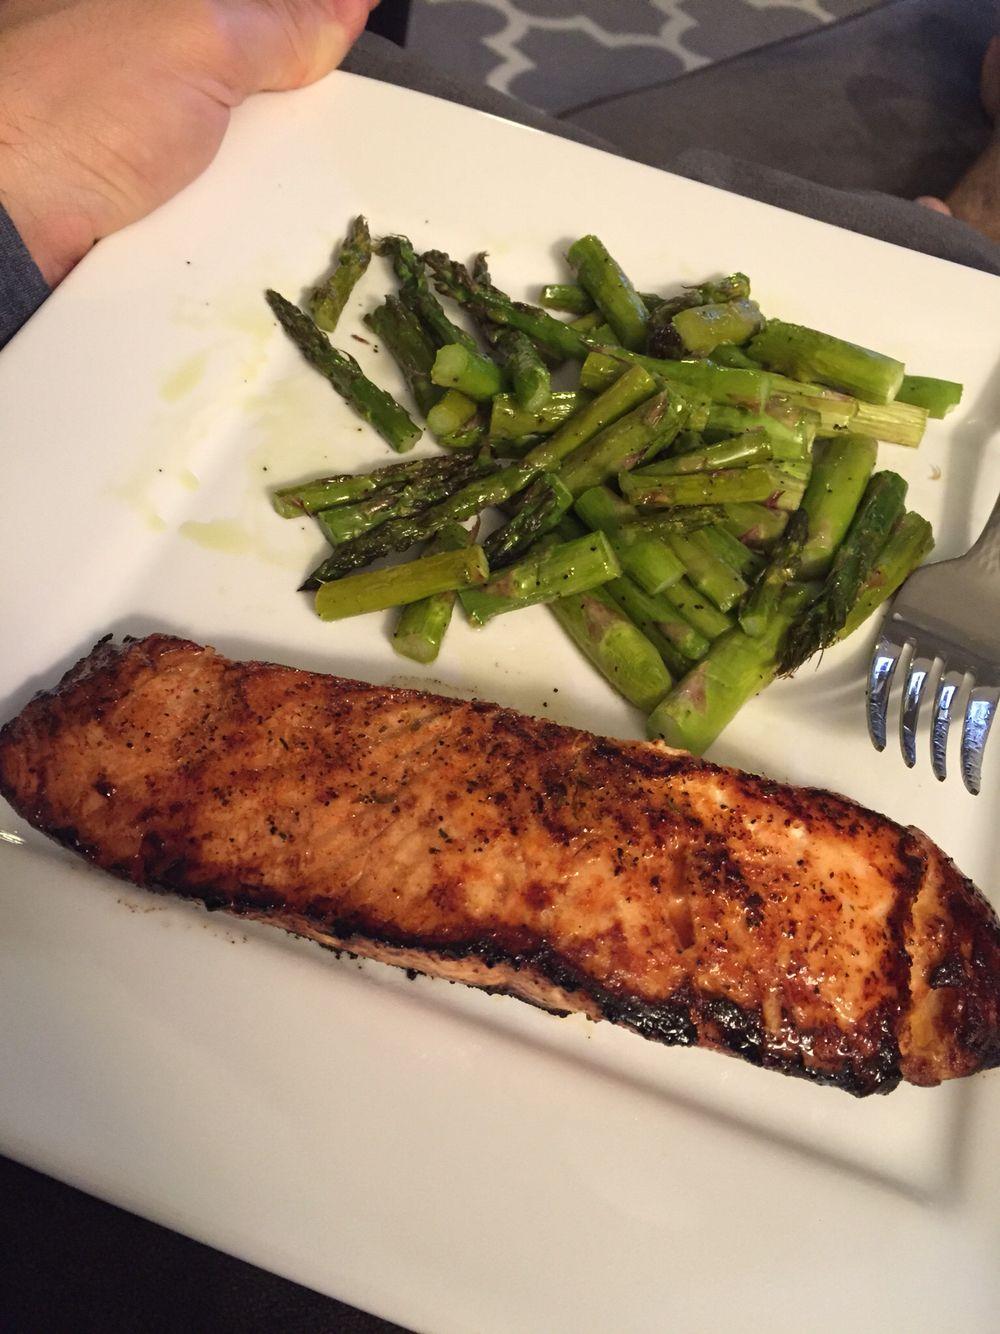 // salmon + asparagus